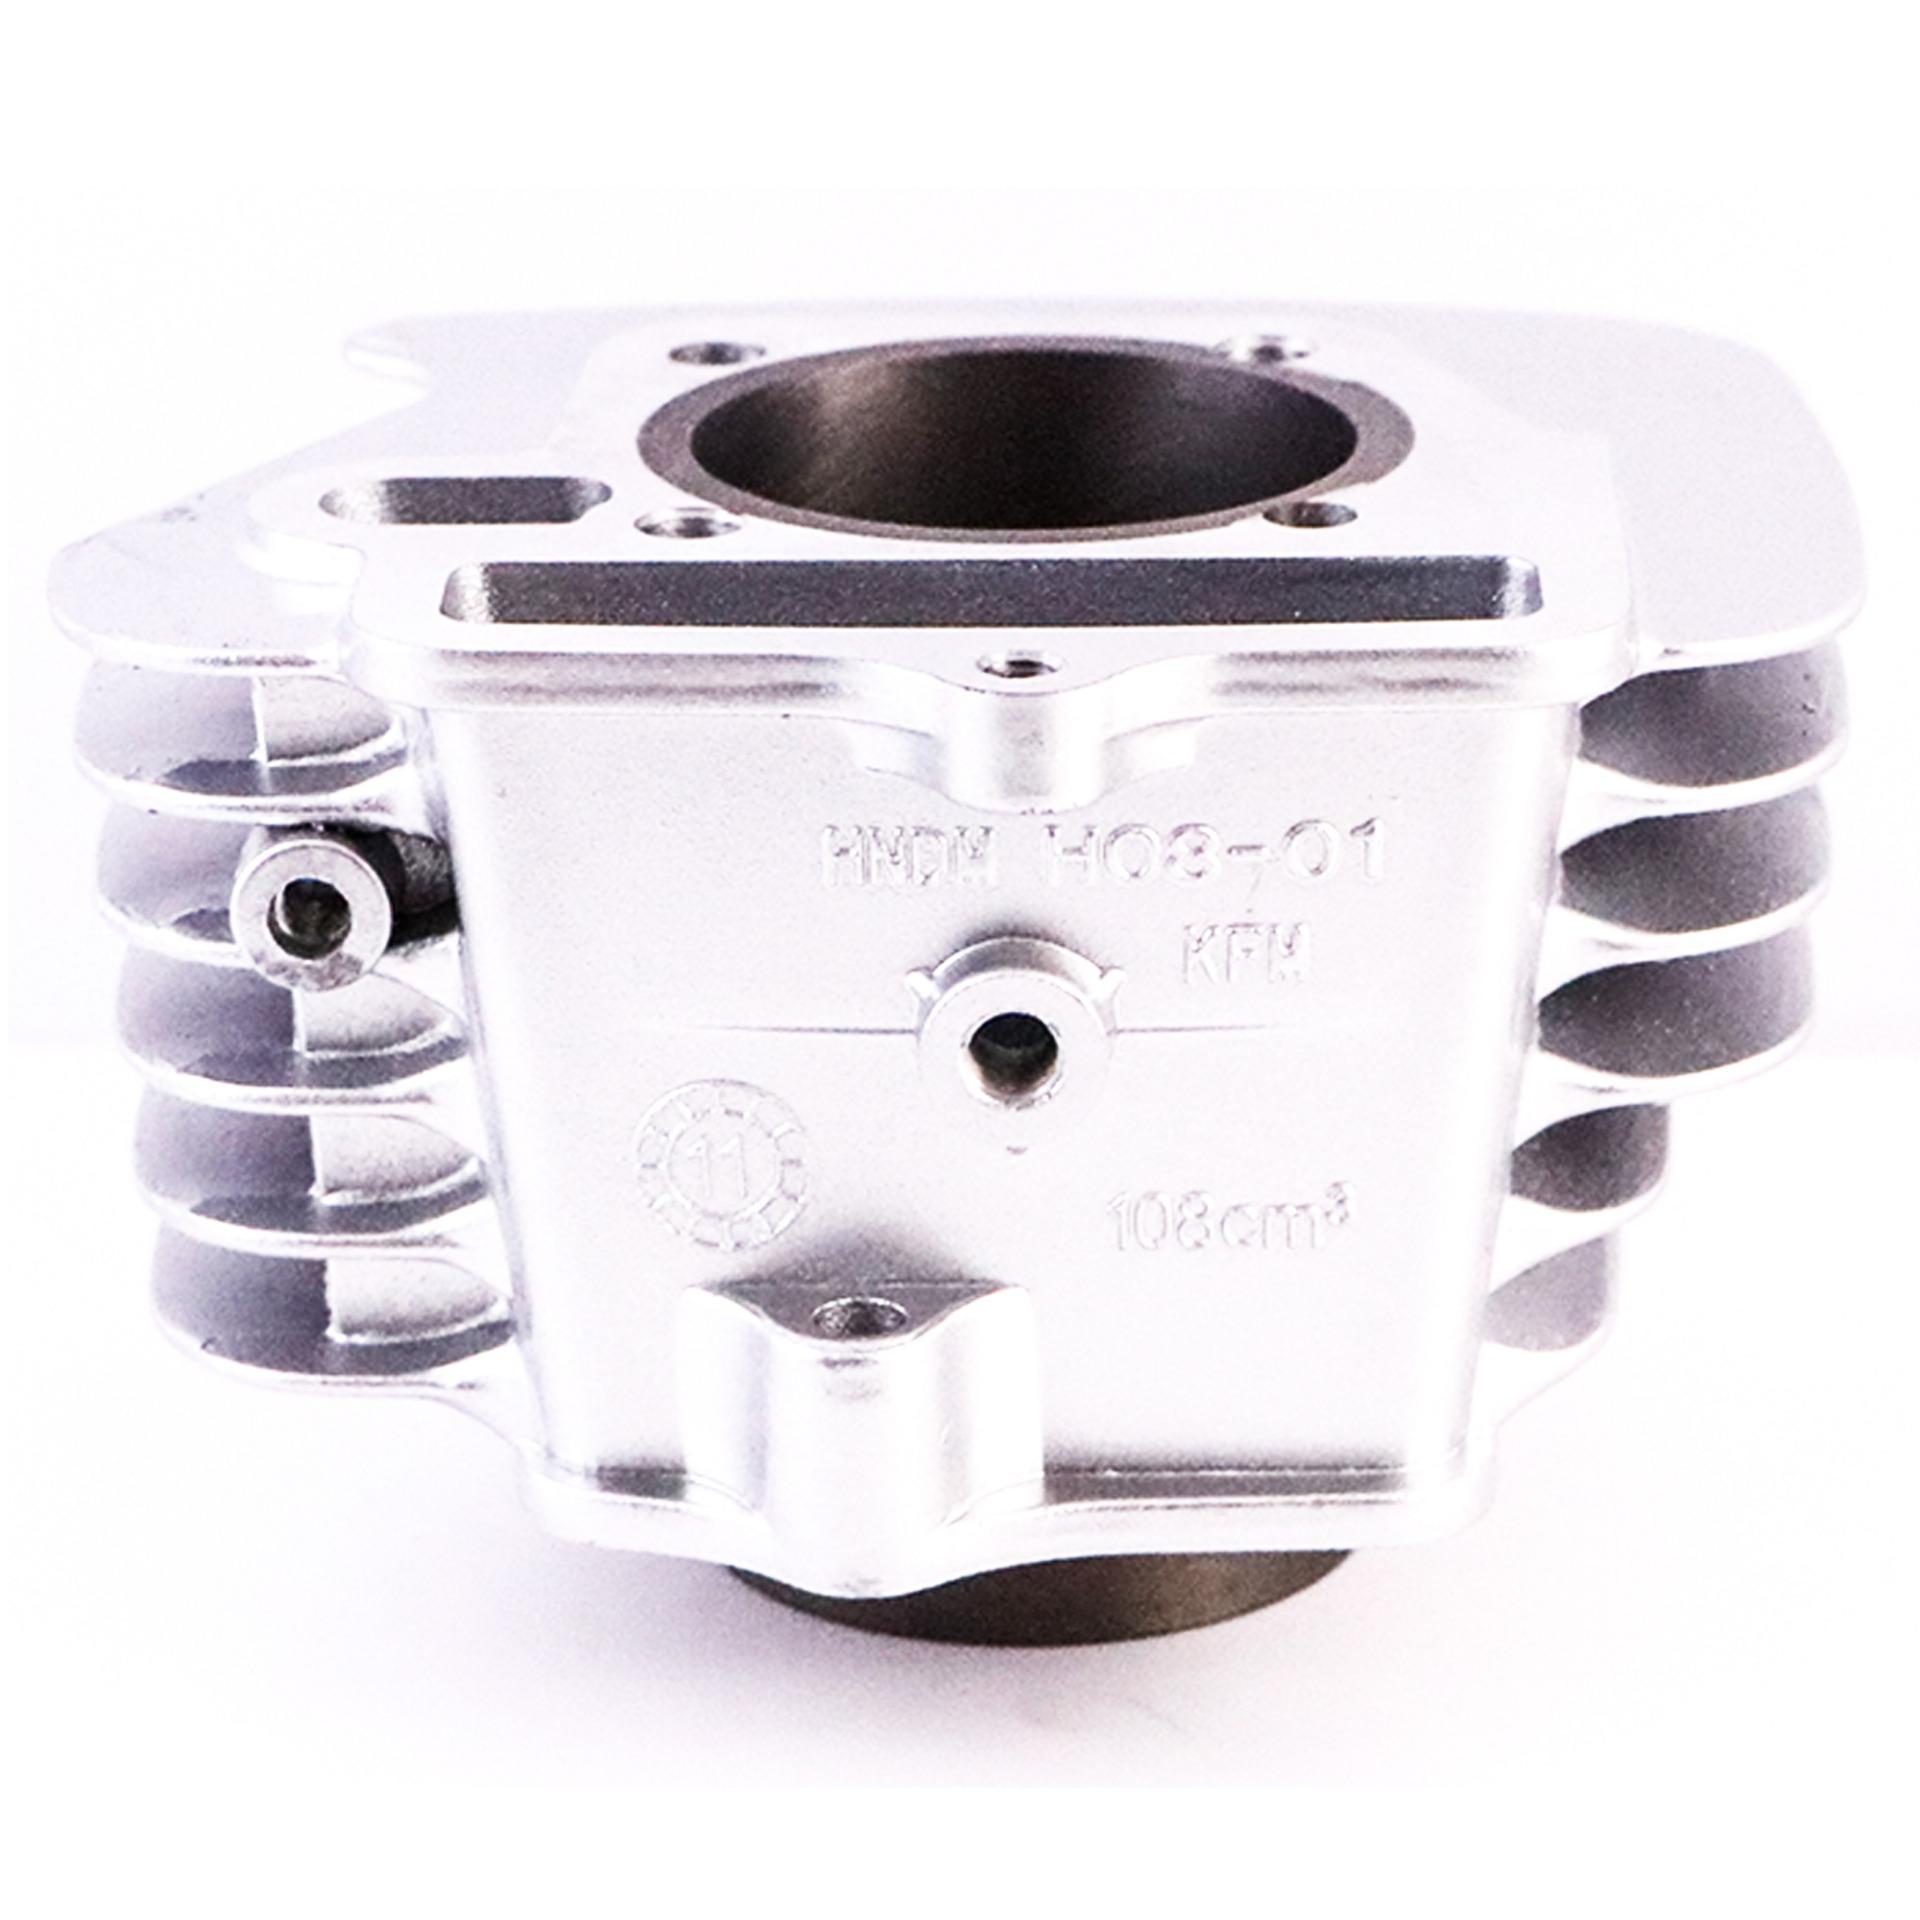 Alisgp Cylinder Block Wave110 54mm (9853-737) By Skypoint Motors.